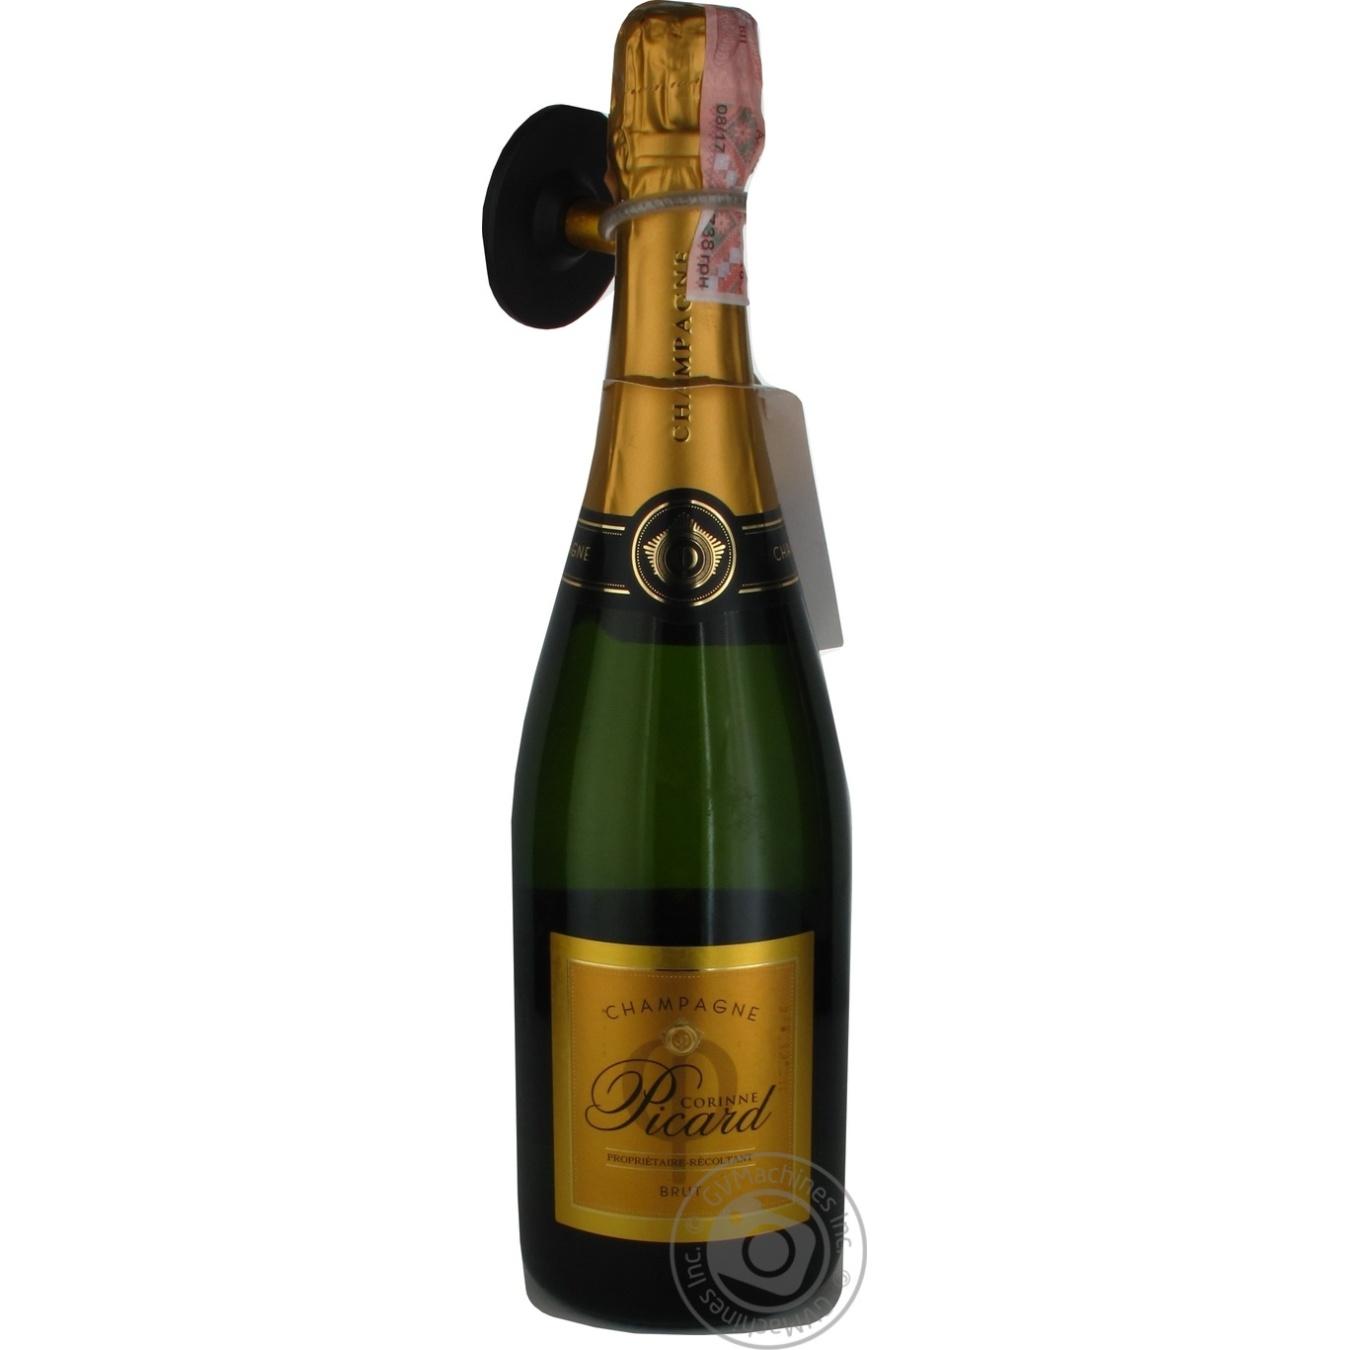 Шампанське Corinne Picard біле Брют 12% 0, 75л  - купить со скидкой